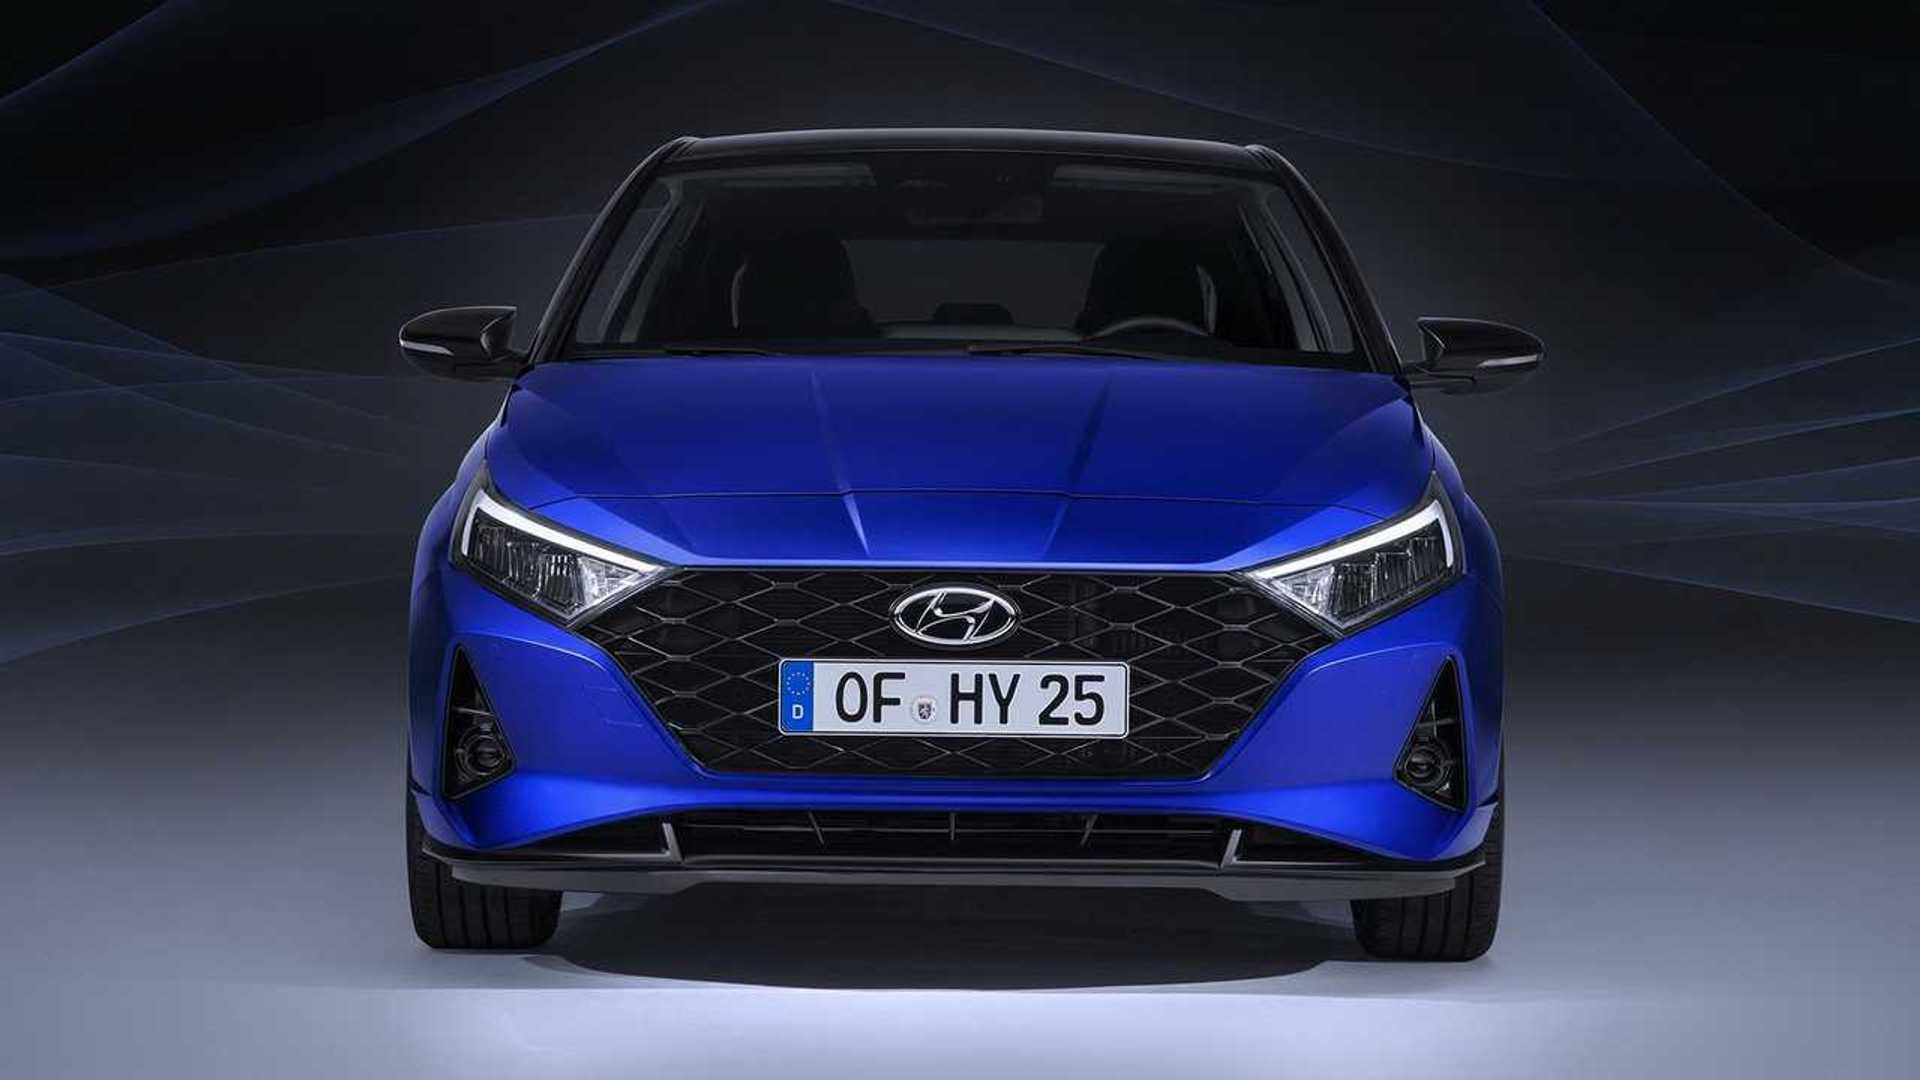 Hyundai полностью раскрыла внешность нового хэтчбека i20